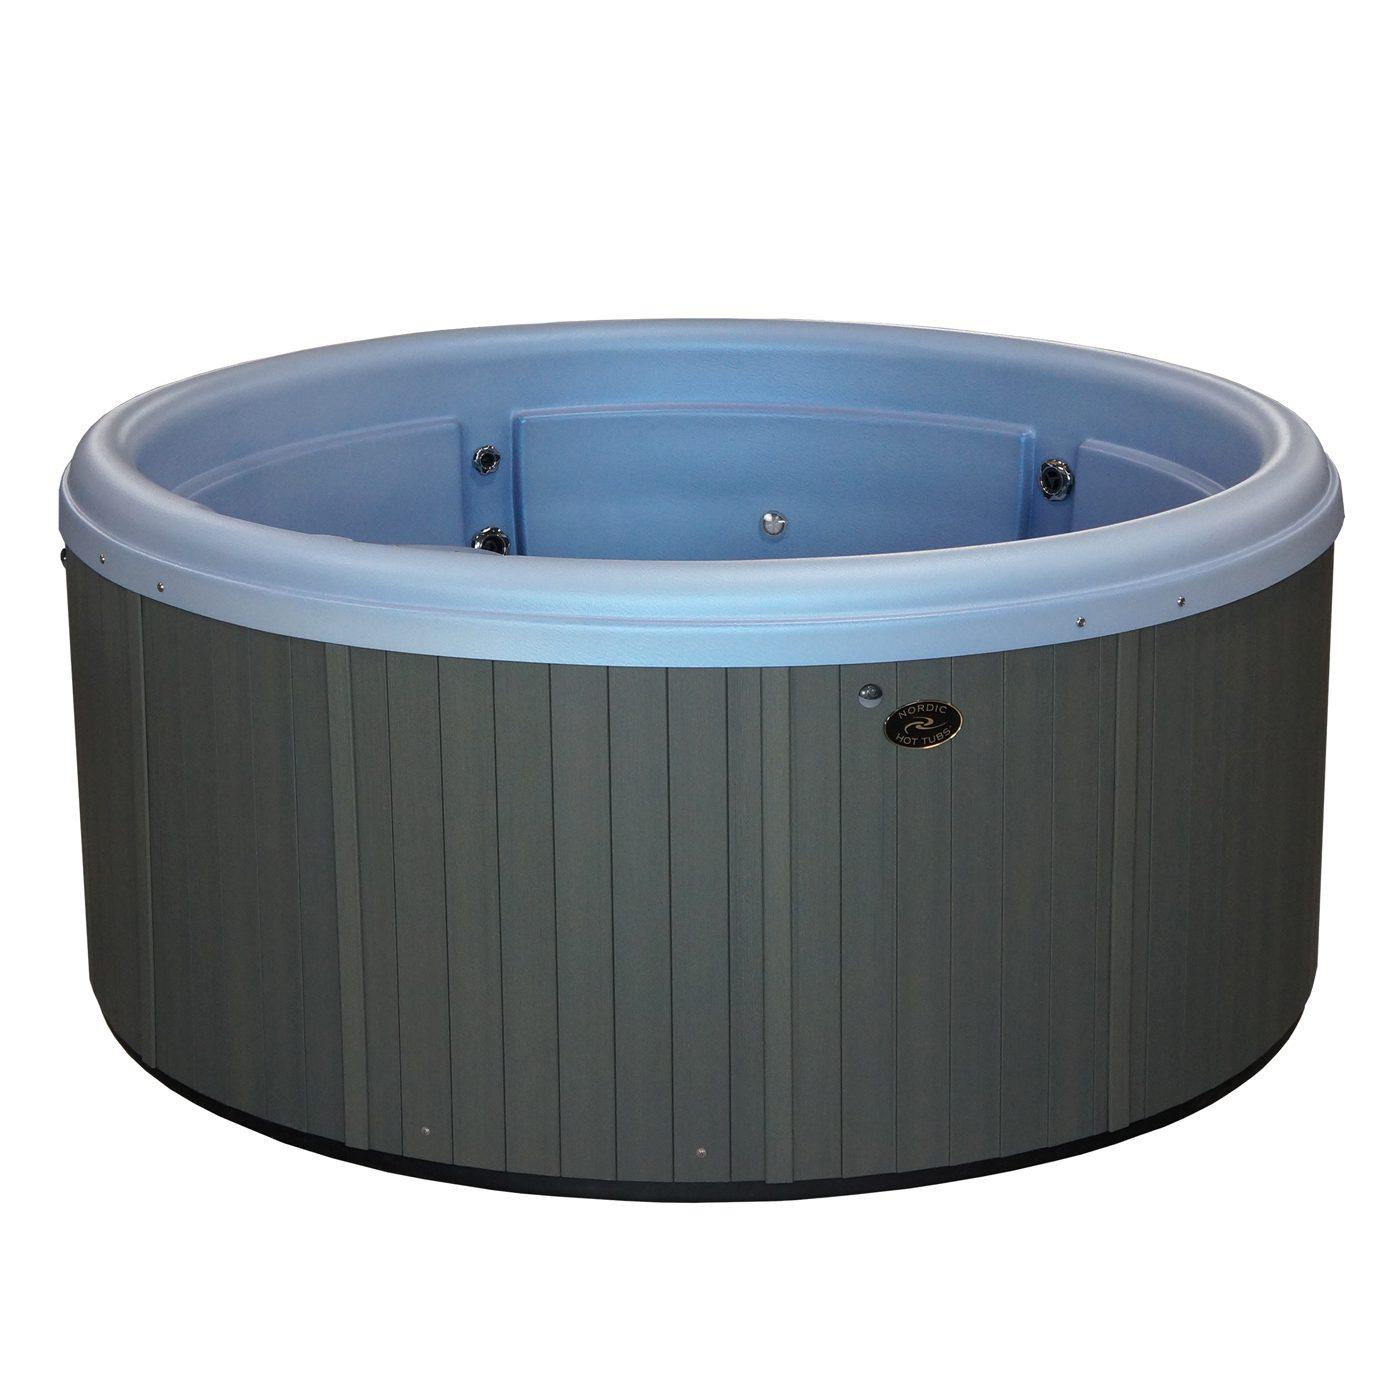 New Impulse Dp Clic Hot Tub Nordic